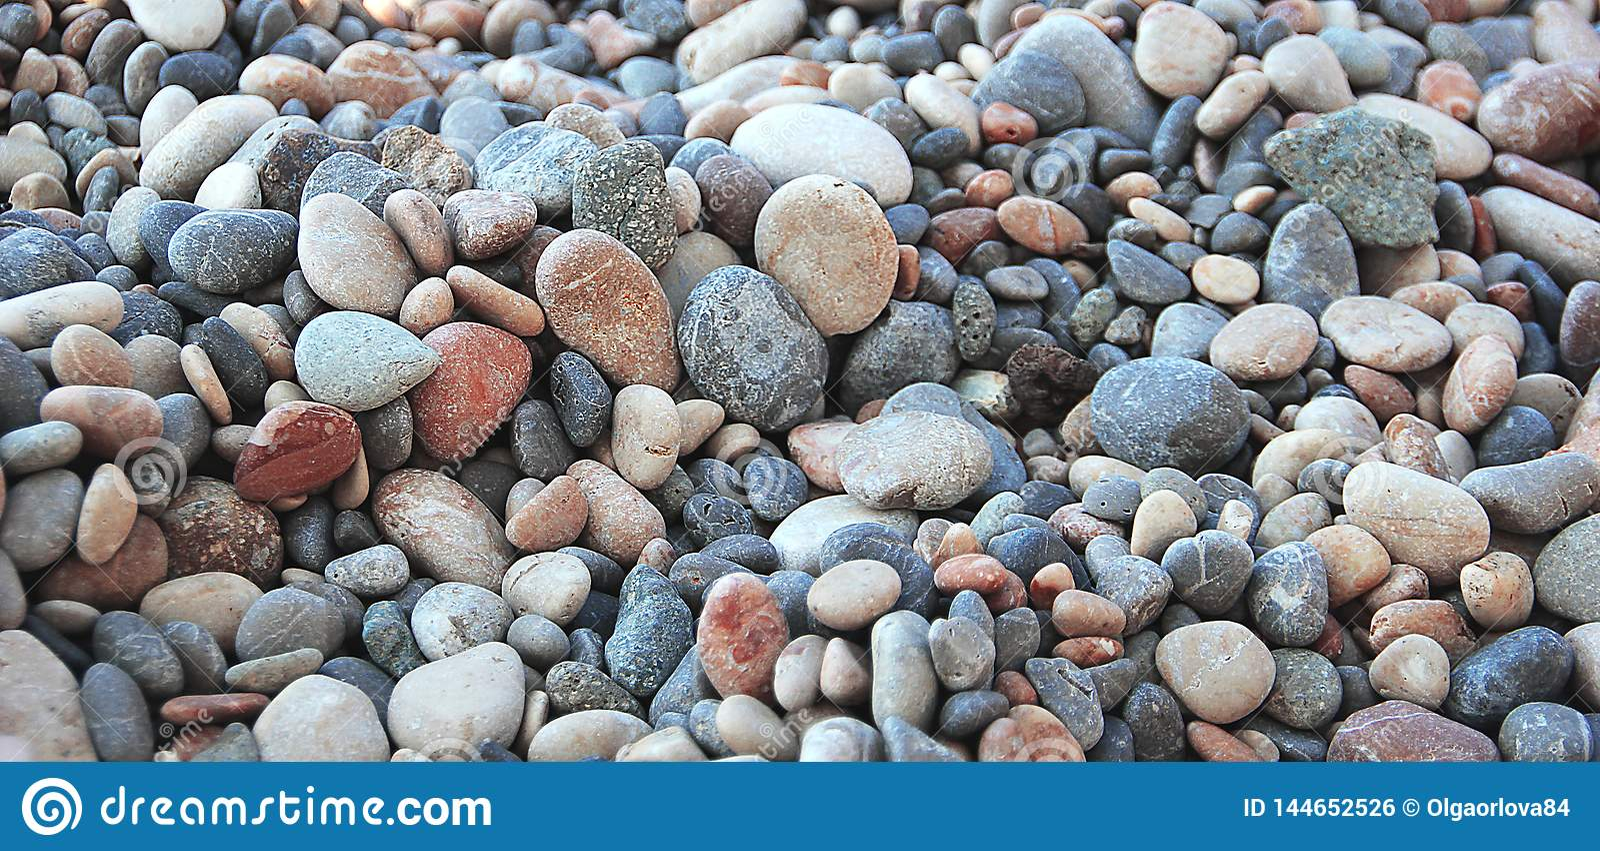 Otoczaki morzem Fotografie otoczaki na wybrzeżu